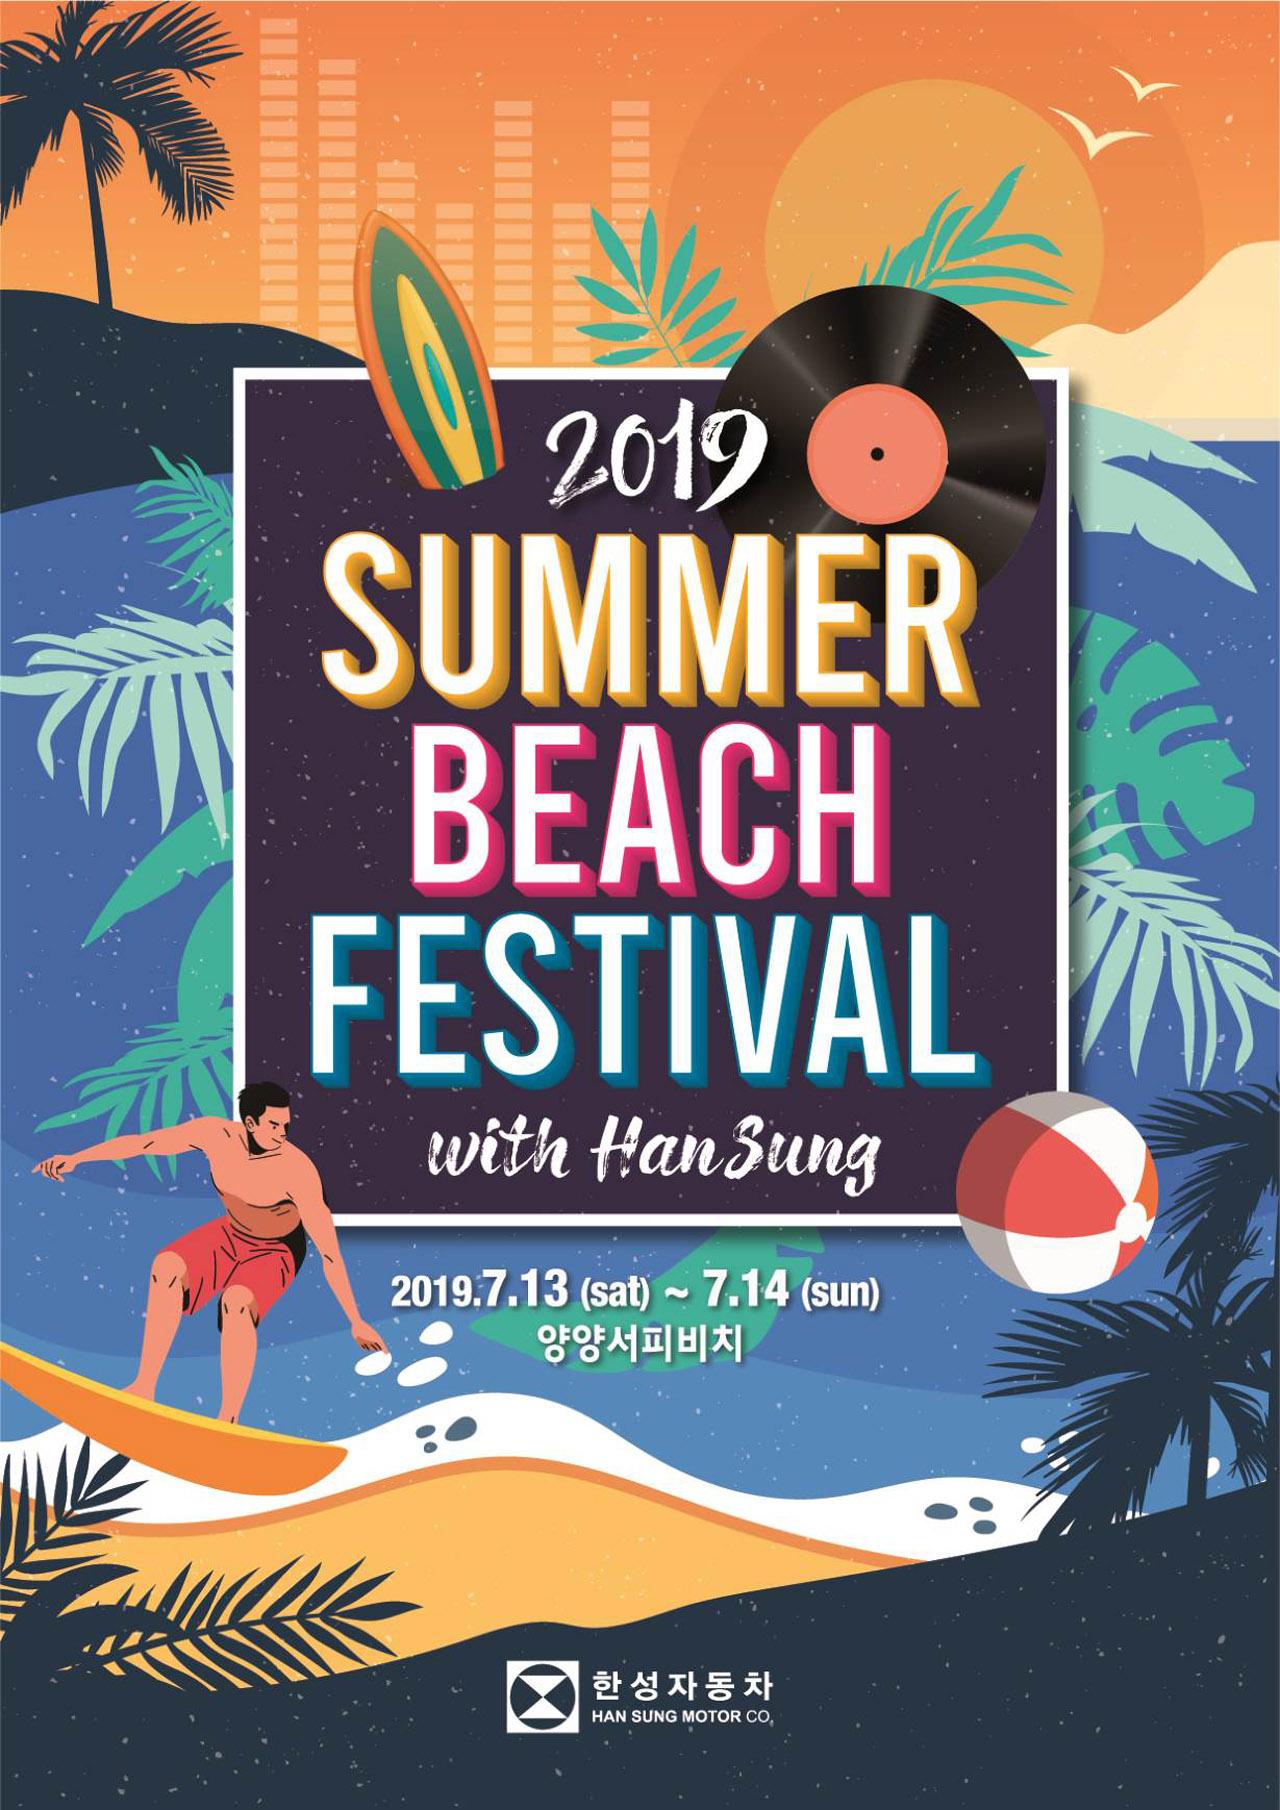 한성자동차 _2019 Summer Beach Festival_ 진행 복사